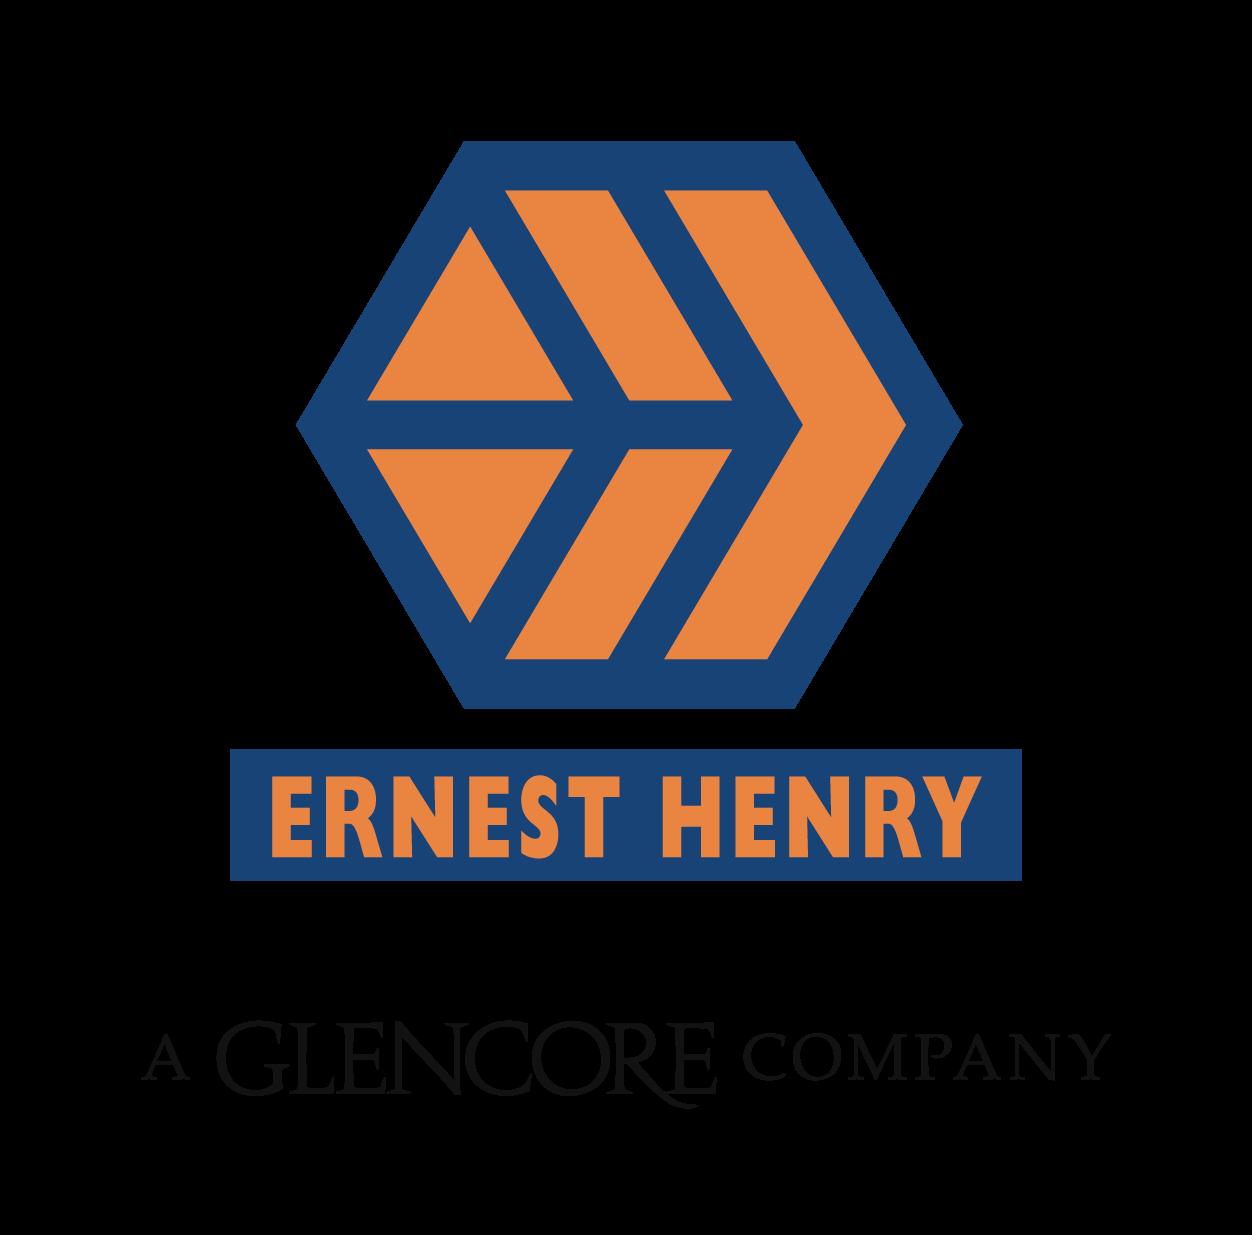 Ernest Henry